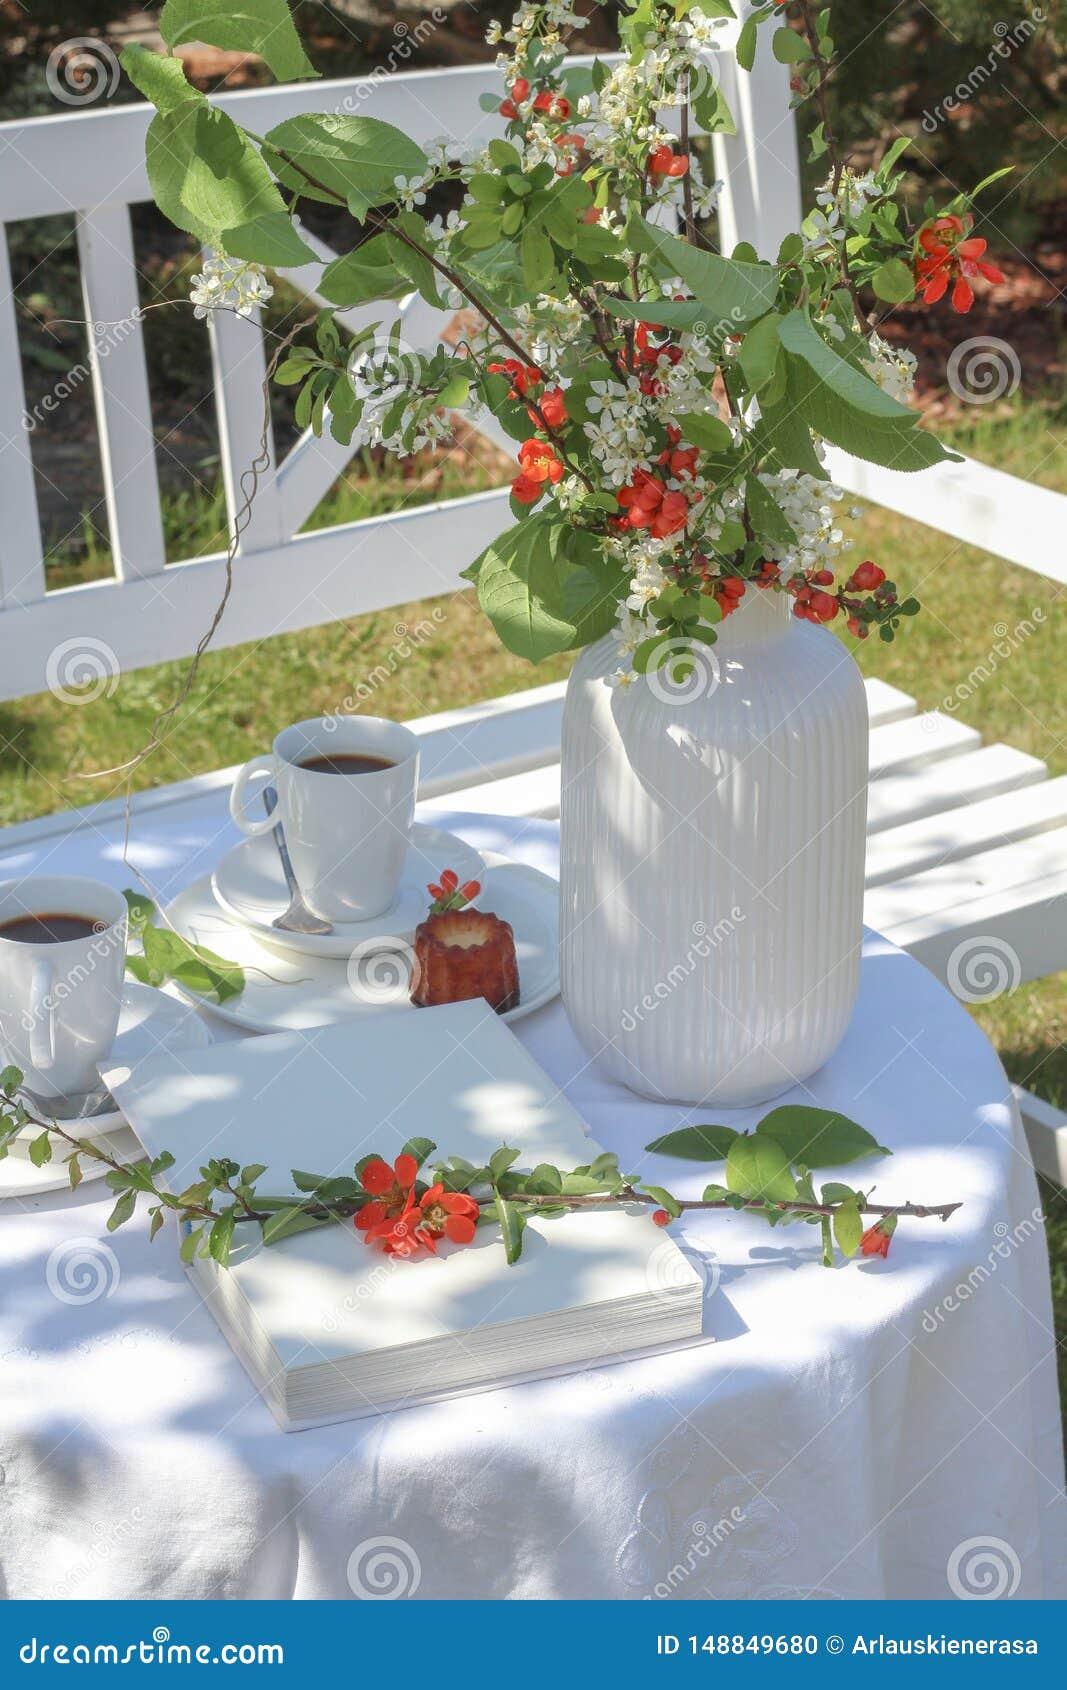 La table blanche avec du café, des caneles et des fleurs a servi dans le jardin